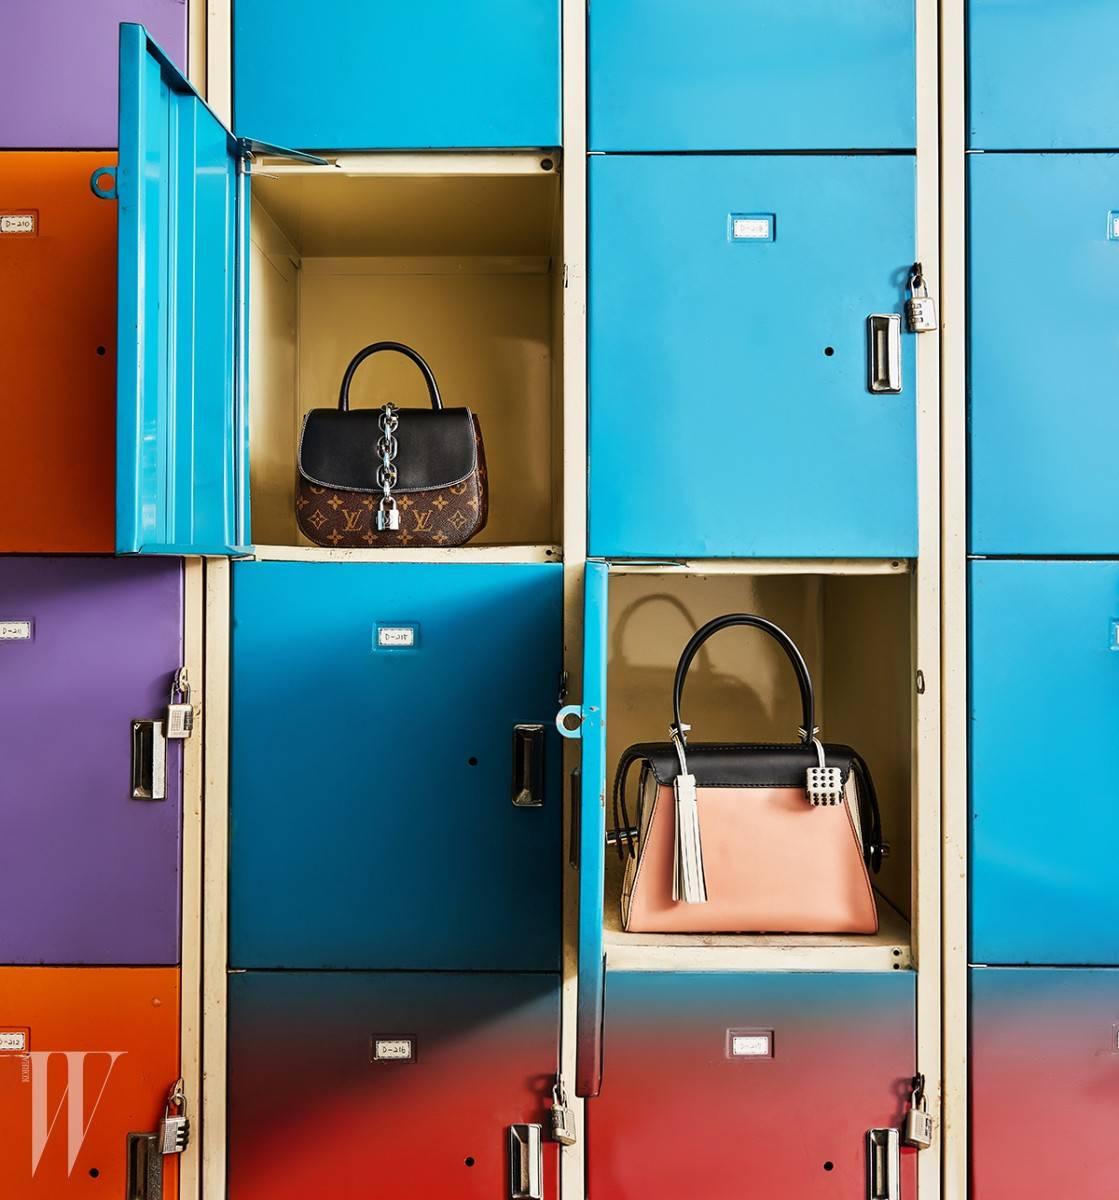 모노그램 패턴의 체인 버클 장식 미니 백은 루이 비통 제품. 2백만원대.  베이비 핑크와 하양, 검정의 조합이 근사한 토트백은 토즈 제품. 2백40만원대.